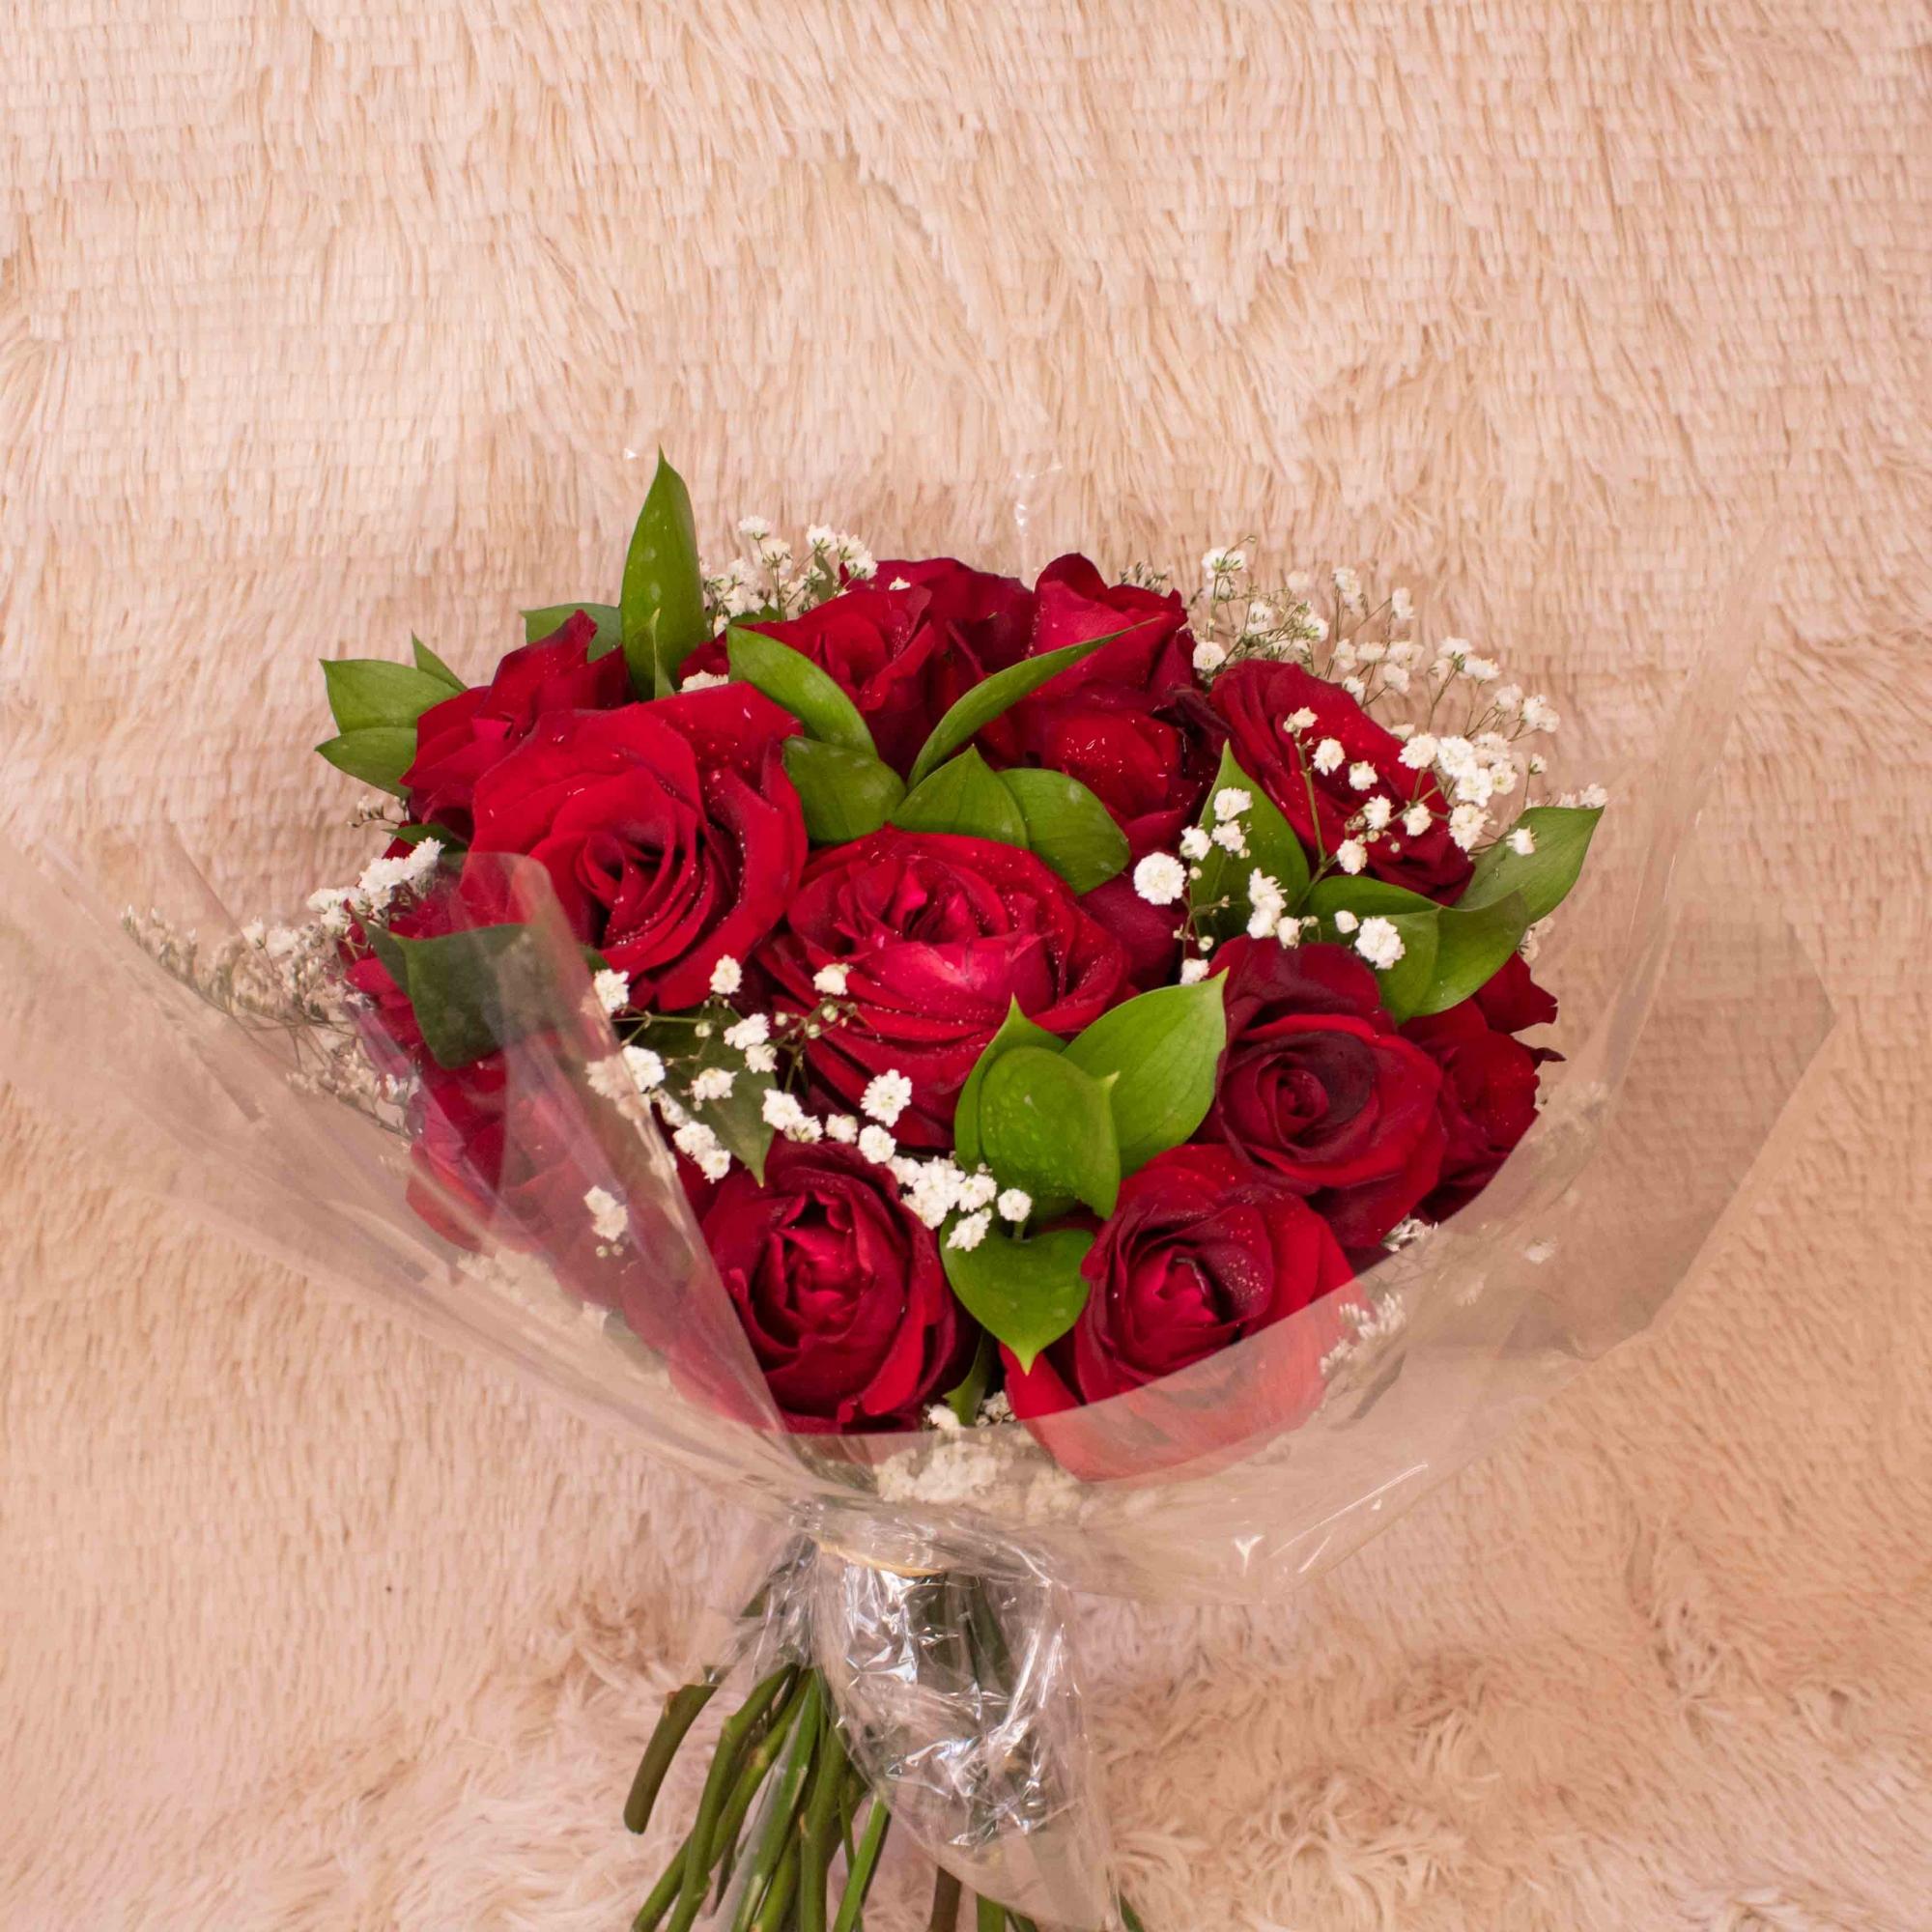 Buquê de 20 Rosas Vermelhas